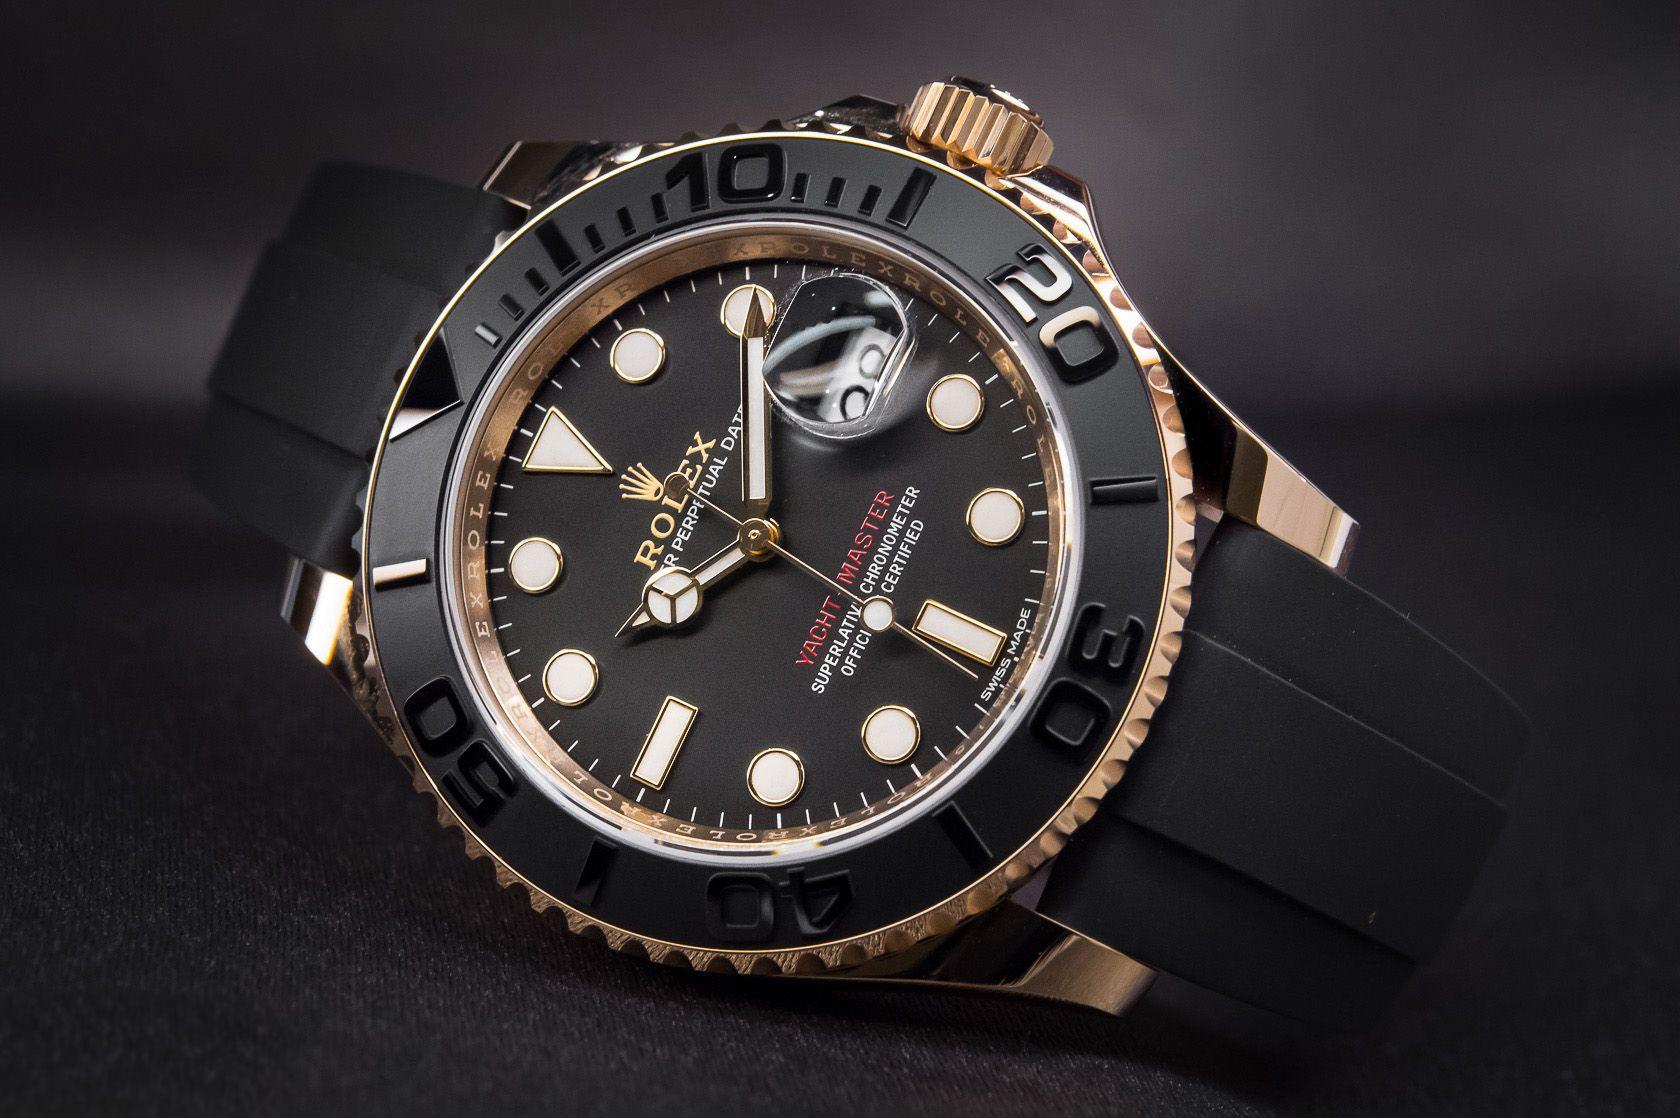 Rolex Yacht Master Everose 116655 Watches For Men Rolex Luxury Watch Brands